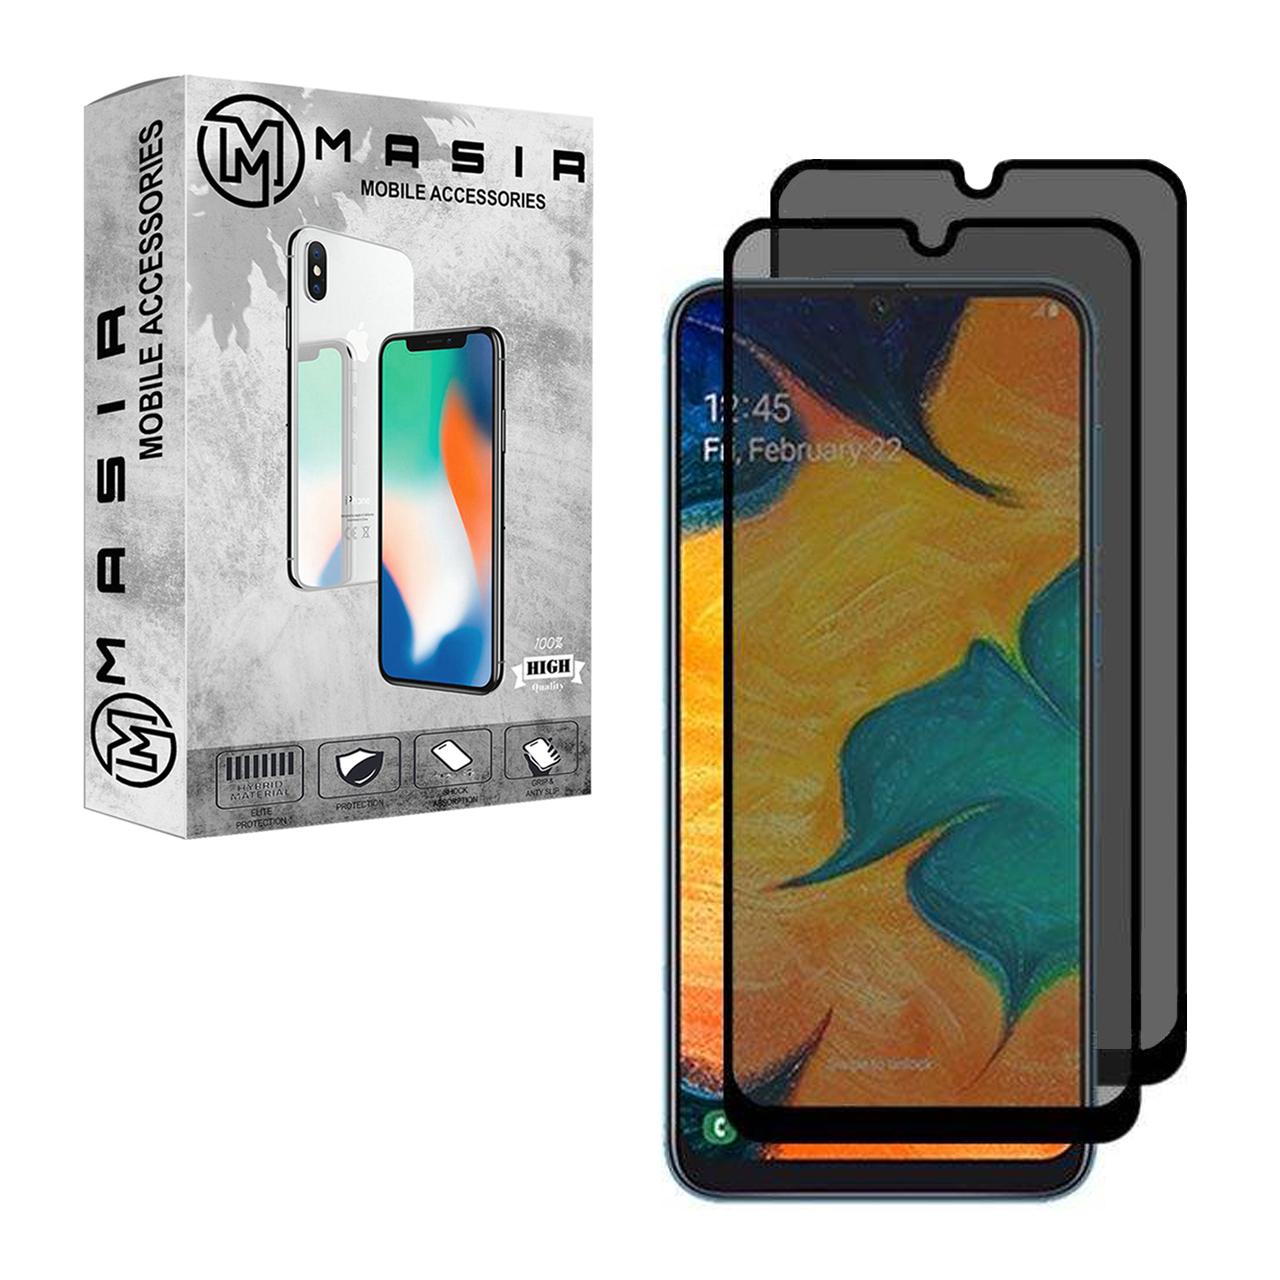 محافظ صفحه نمایش حریم شخصی مسیر مدل MGFPV-2 مناسب برای گوشی موبایل سامسونگ Galaxy A10 بسته 2 عددی